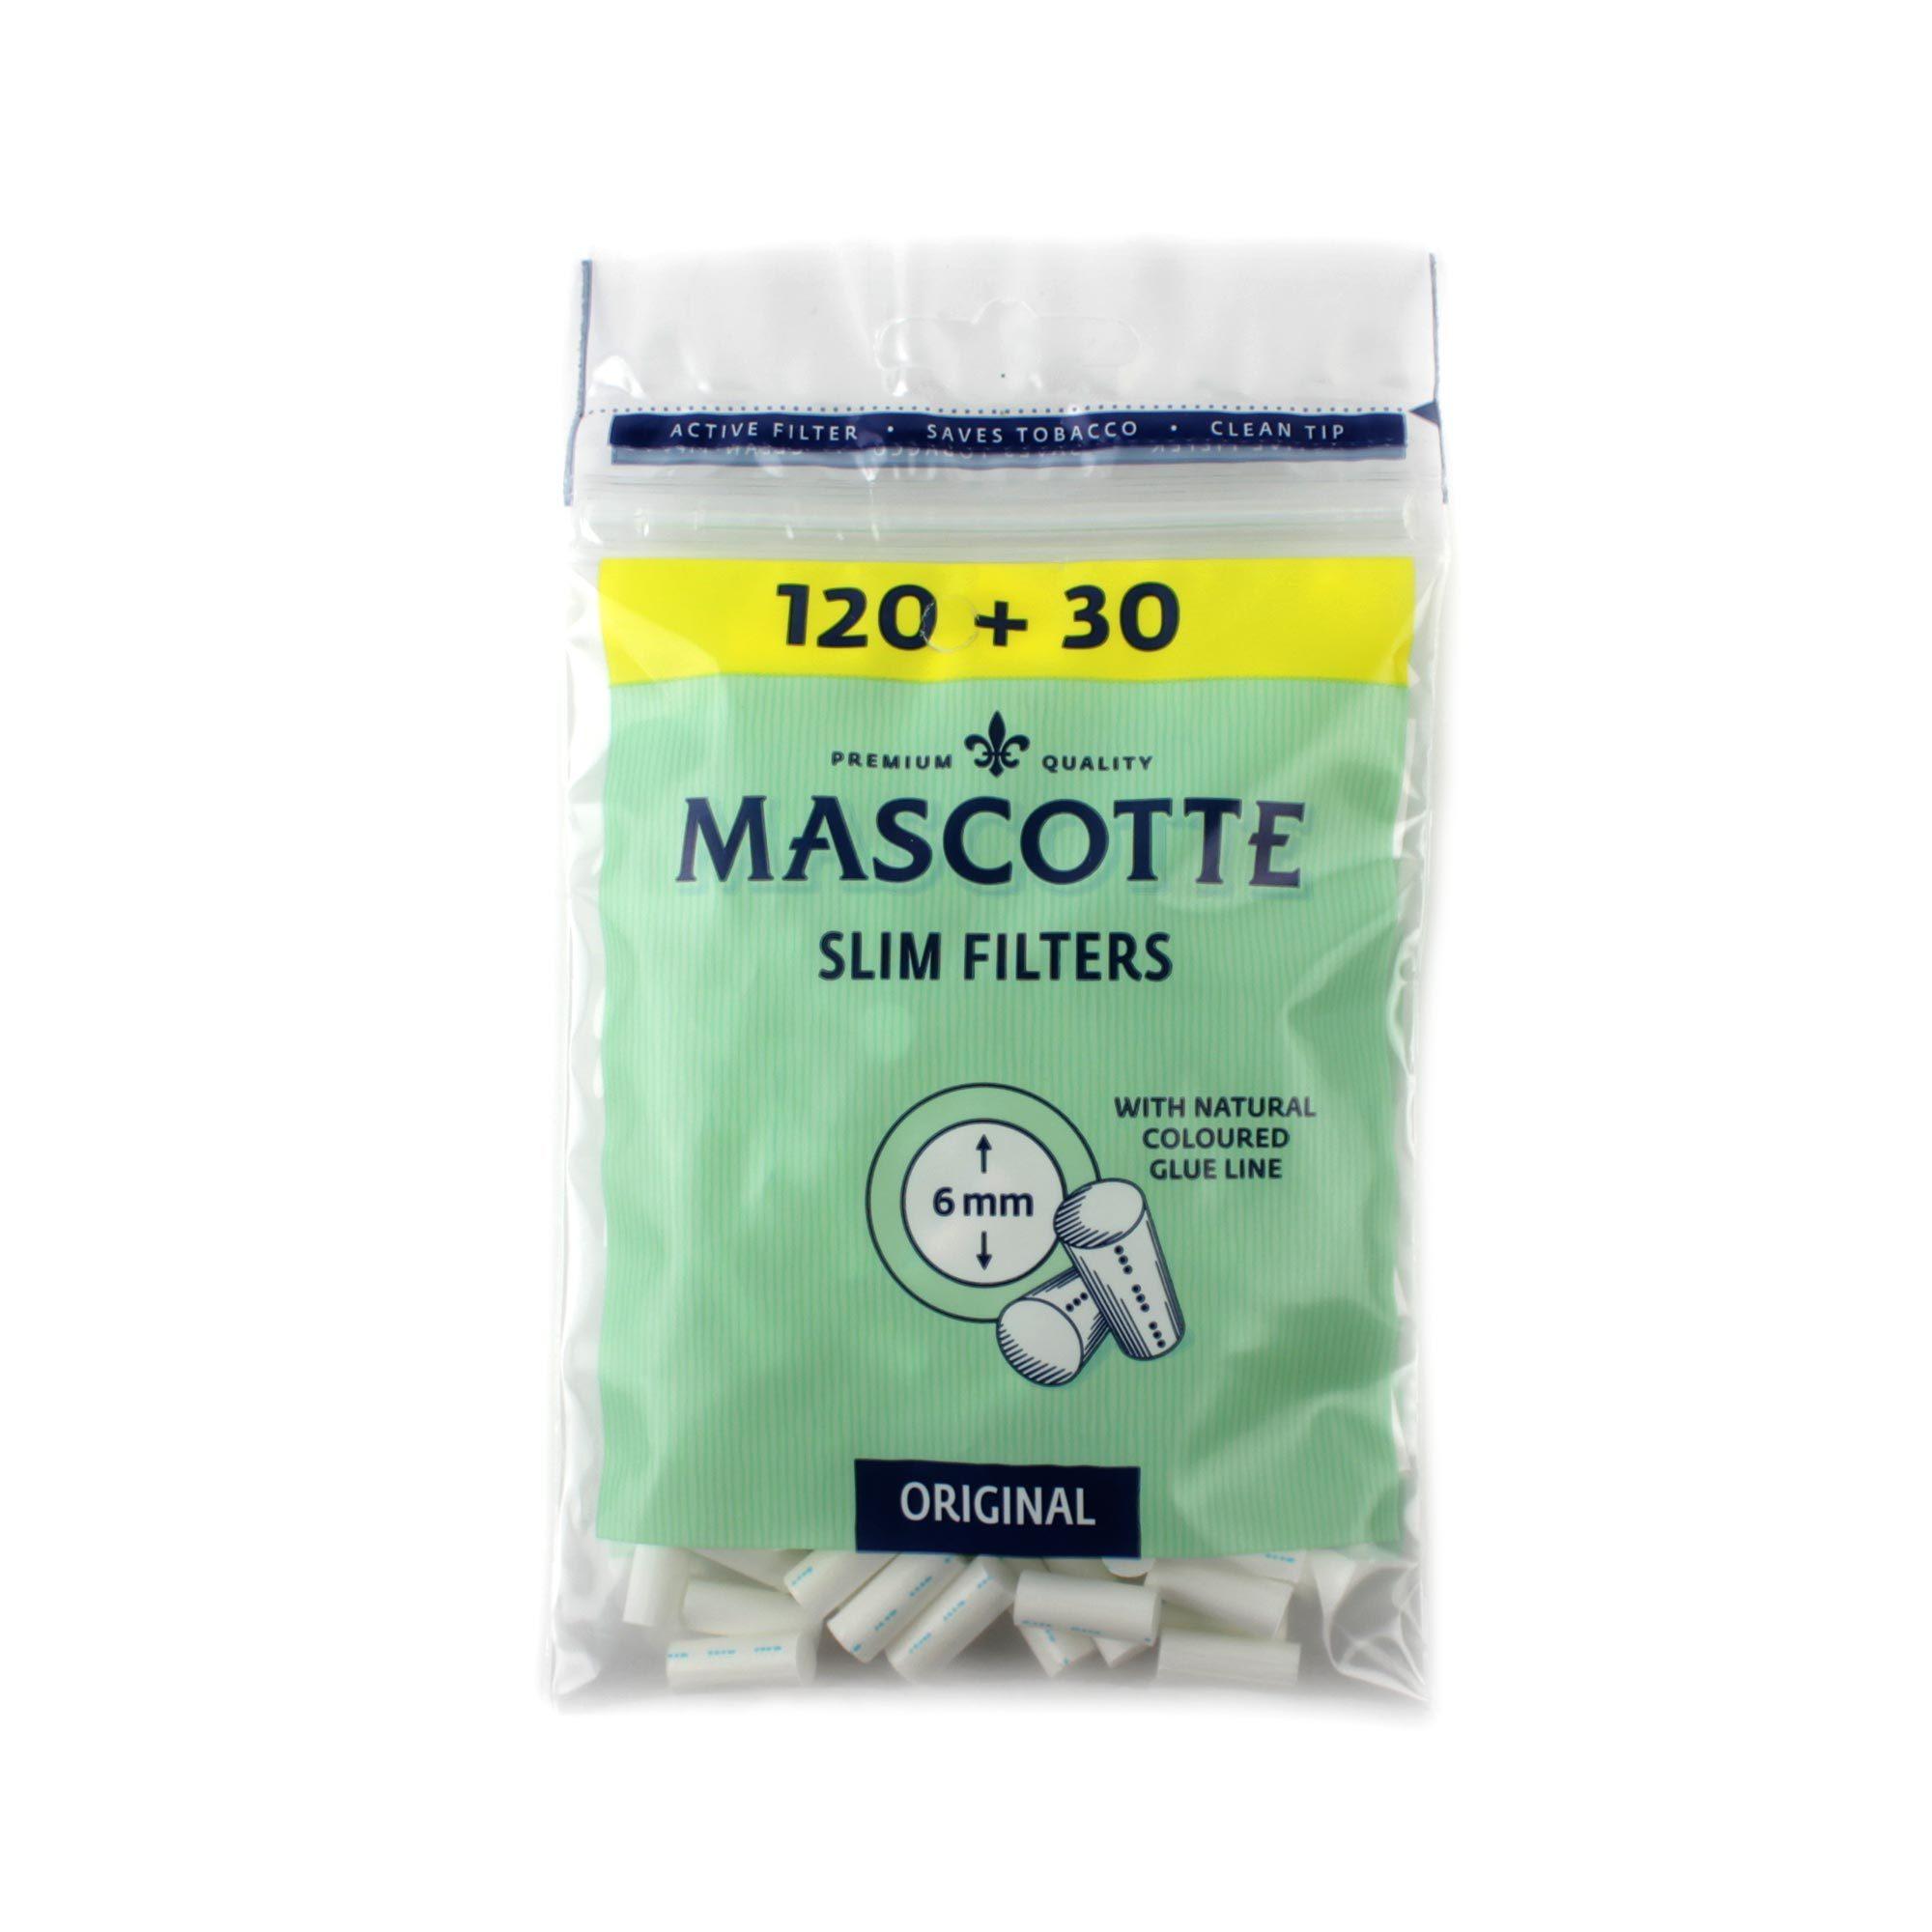 Сигаретные фильтры MASCOTTE Slim Filters 6mm 120 шт